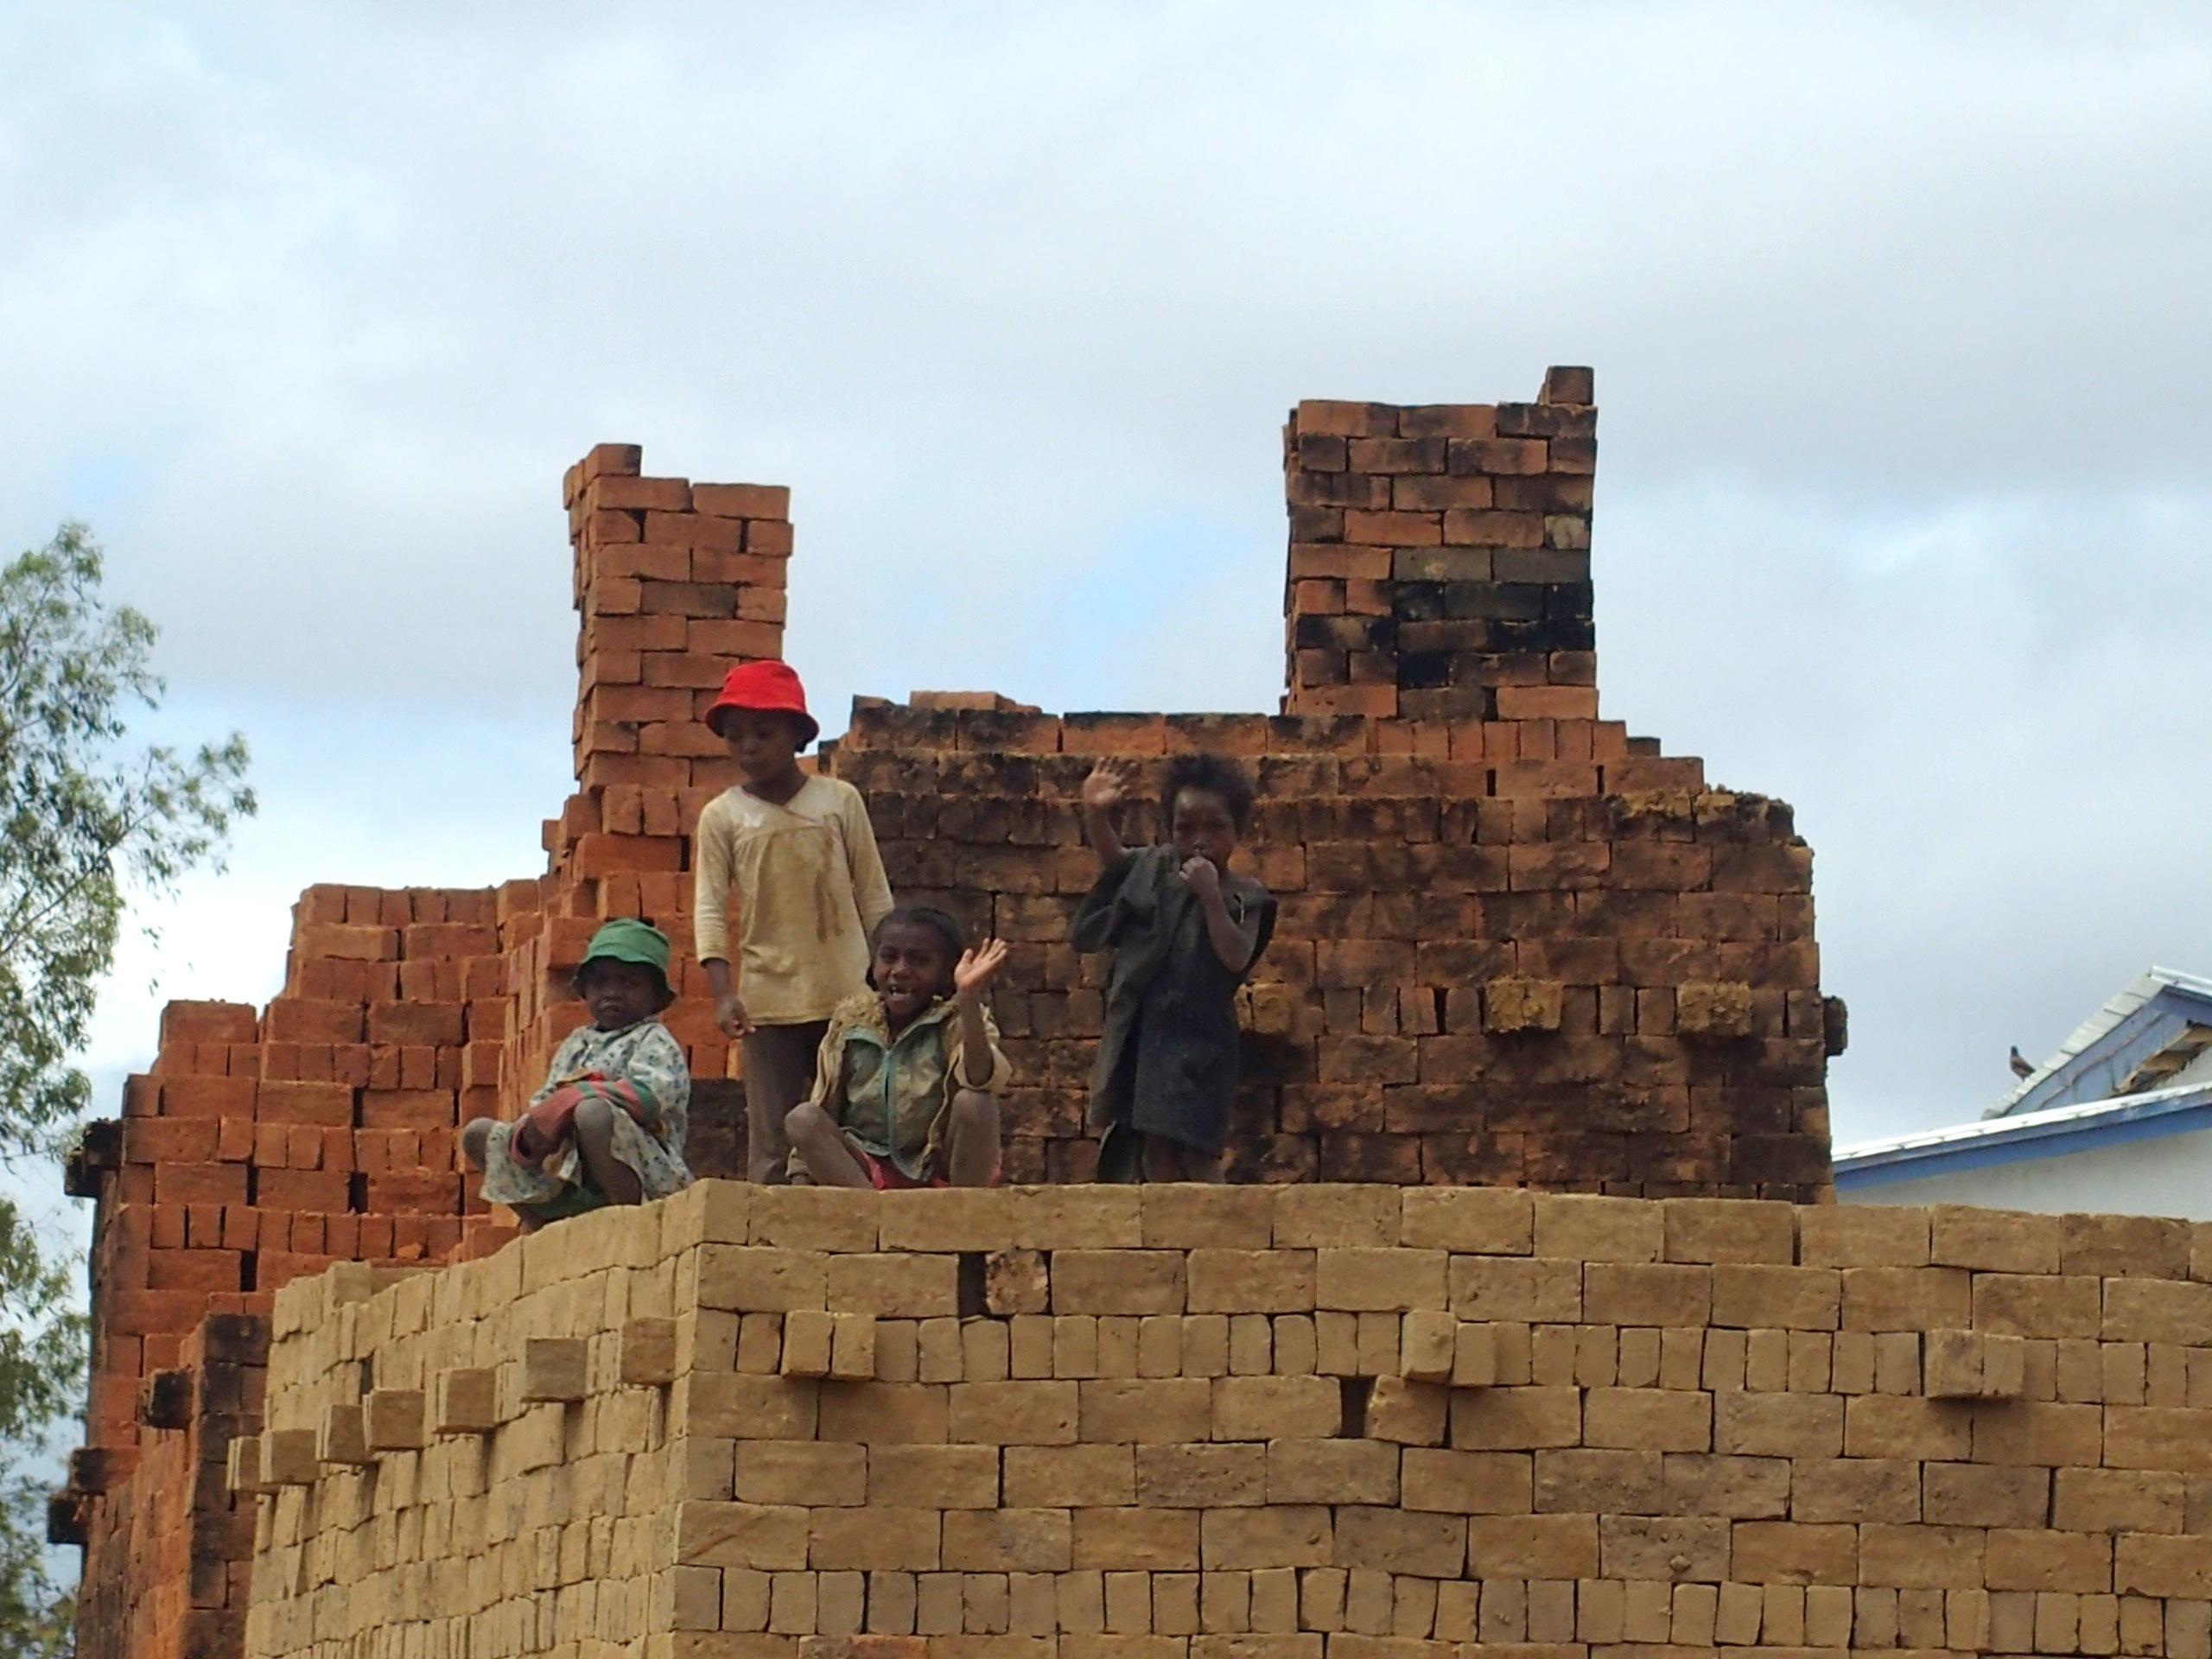 Enfants-ouvriers-dans-chantirs-de-briques-Madagascar